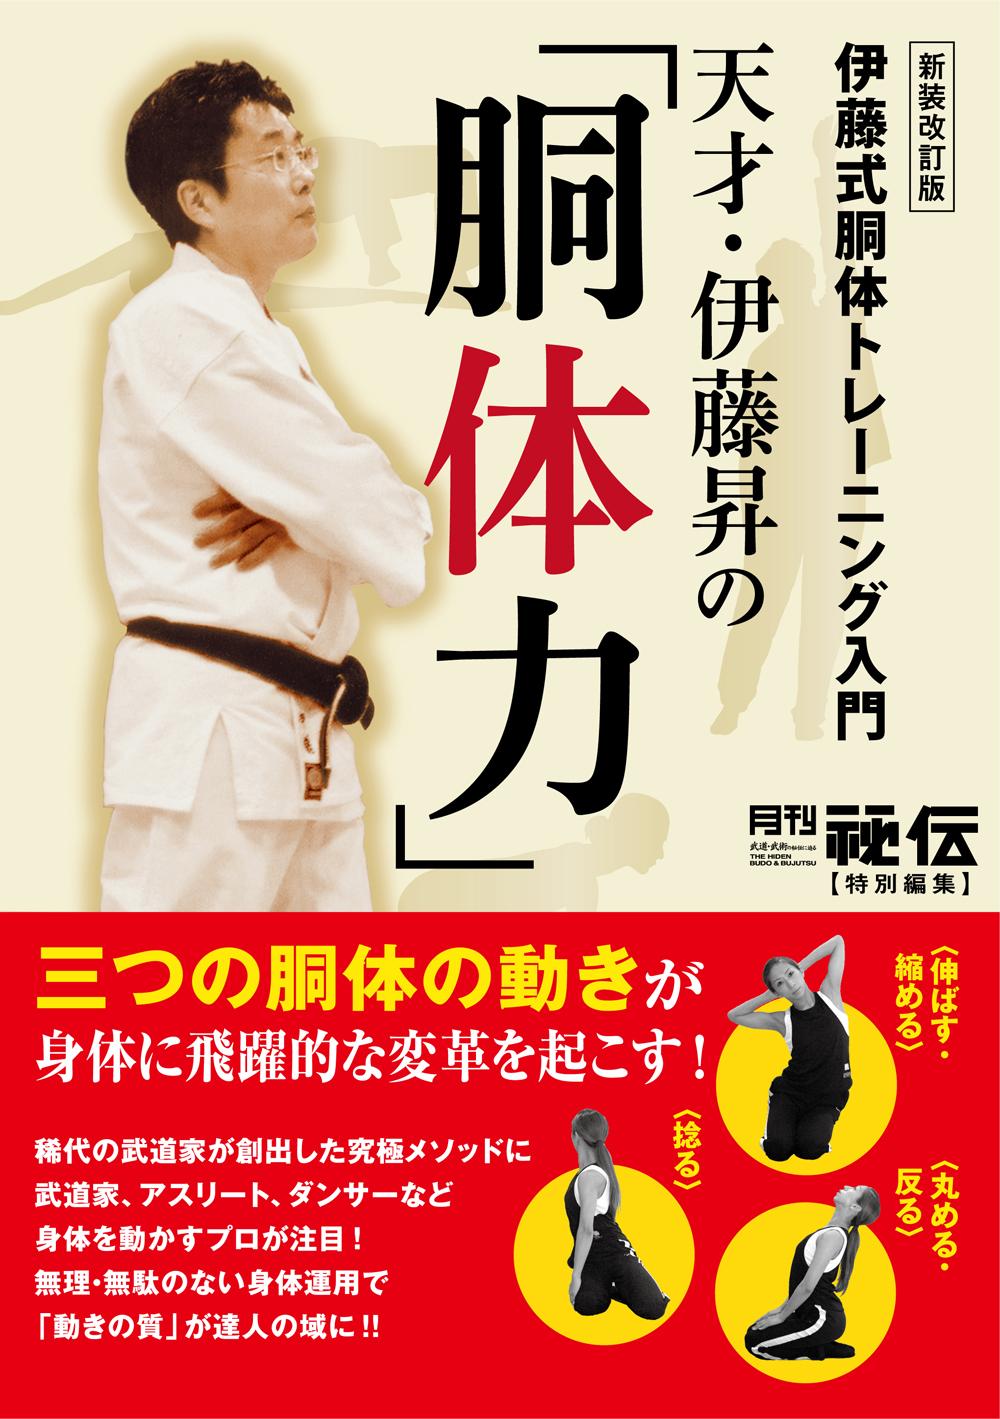 書籍 天才・伊藤昇の「胴体力」新装改訂版